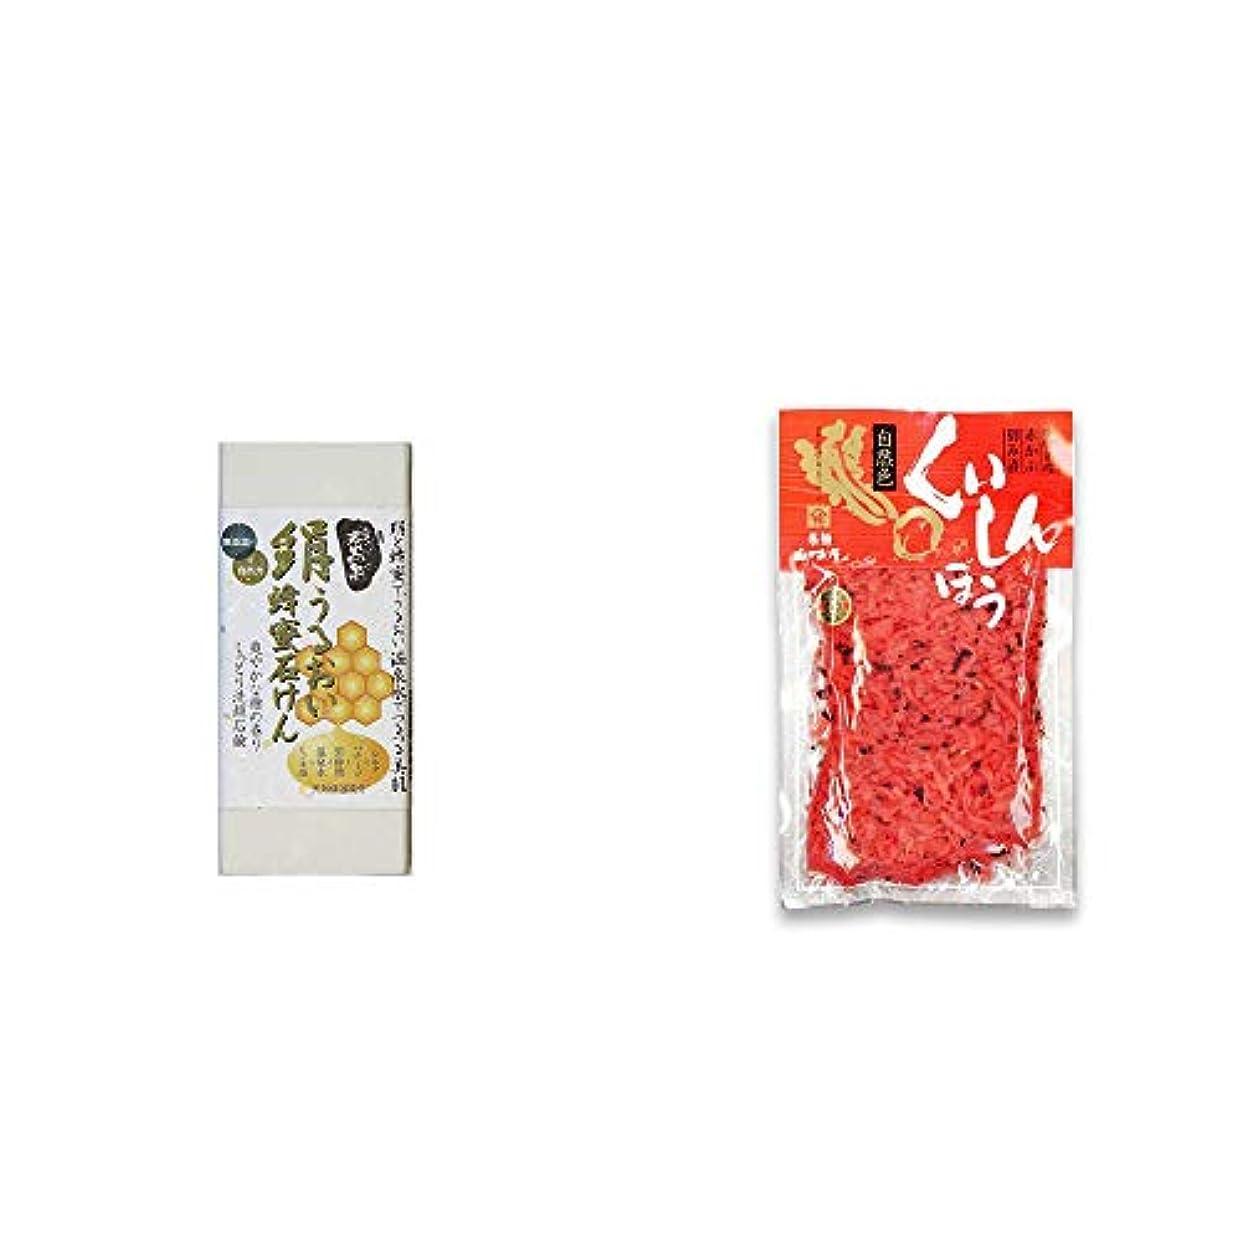 貸し手傷つきやすい活気づける[2点セット] ひのき炭黒泉 絹うるおい蜂蜜石けん(75g×2)?飛騨山味屋 くいしんぼう【大】(260g) [赤かぶ刻み漬け]